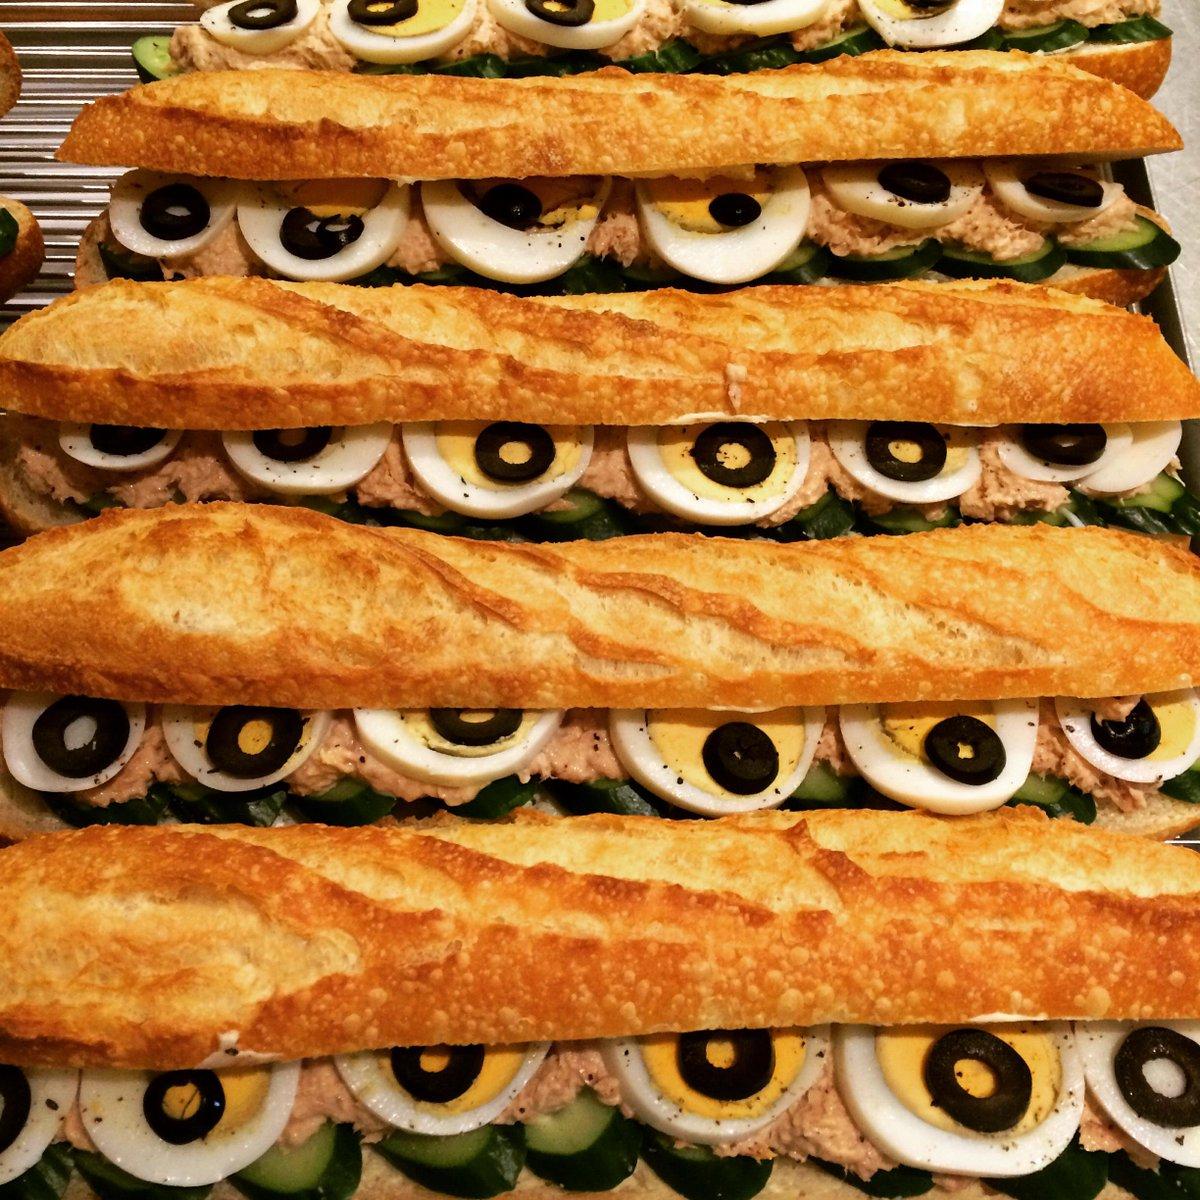 おはようございます!中目黒 サンドイッチリー シャポードパイユ です。本日も朝7時より営業しております。 ツナと卵ときゅうり、サンド中〜 05/08/07:00 http://t.co/6LmJ9M0S9S